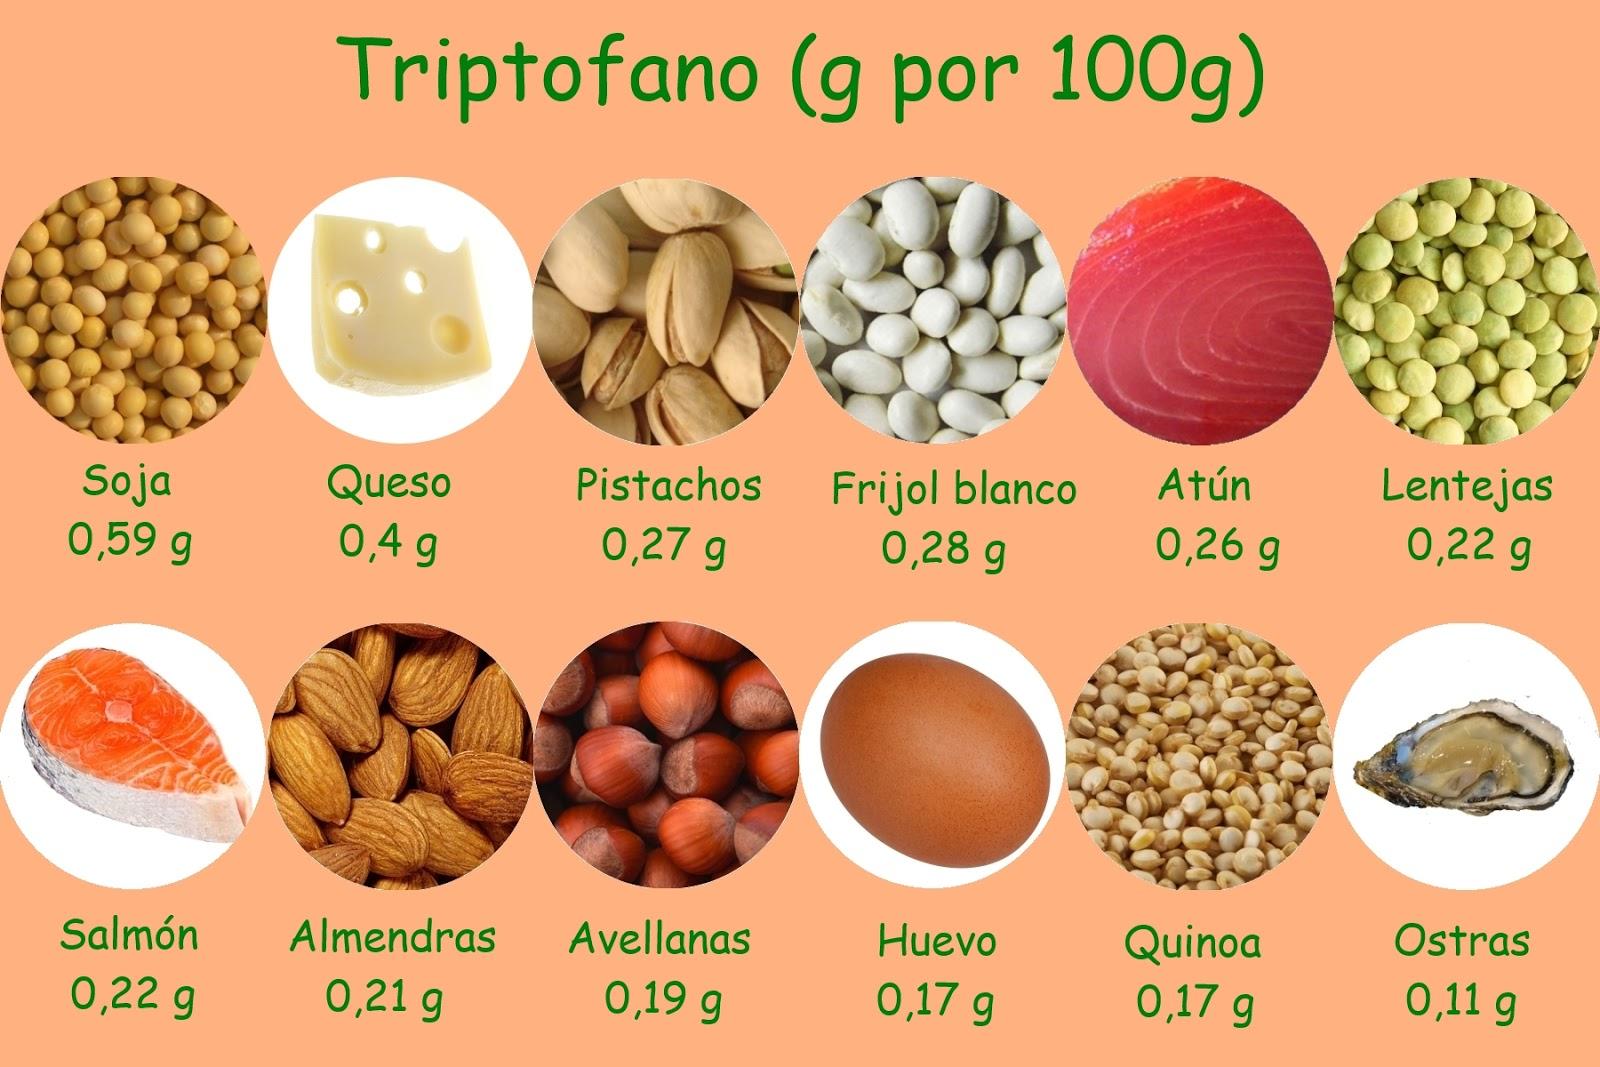 Aptn cofenat 5 maneras de aumentar los niveles de serotonina de manera natural - Alimentos ricos en carbohidratos ...